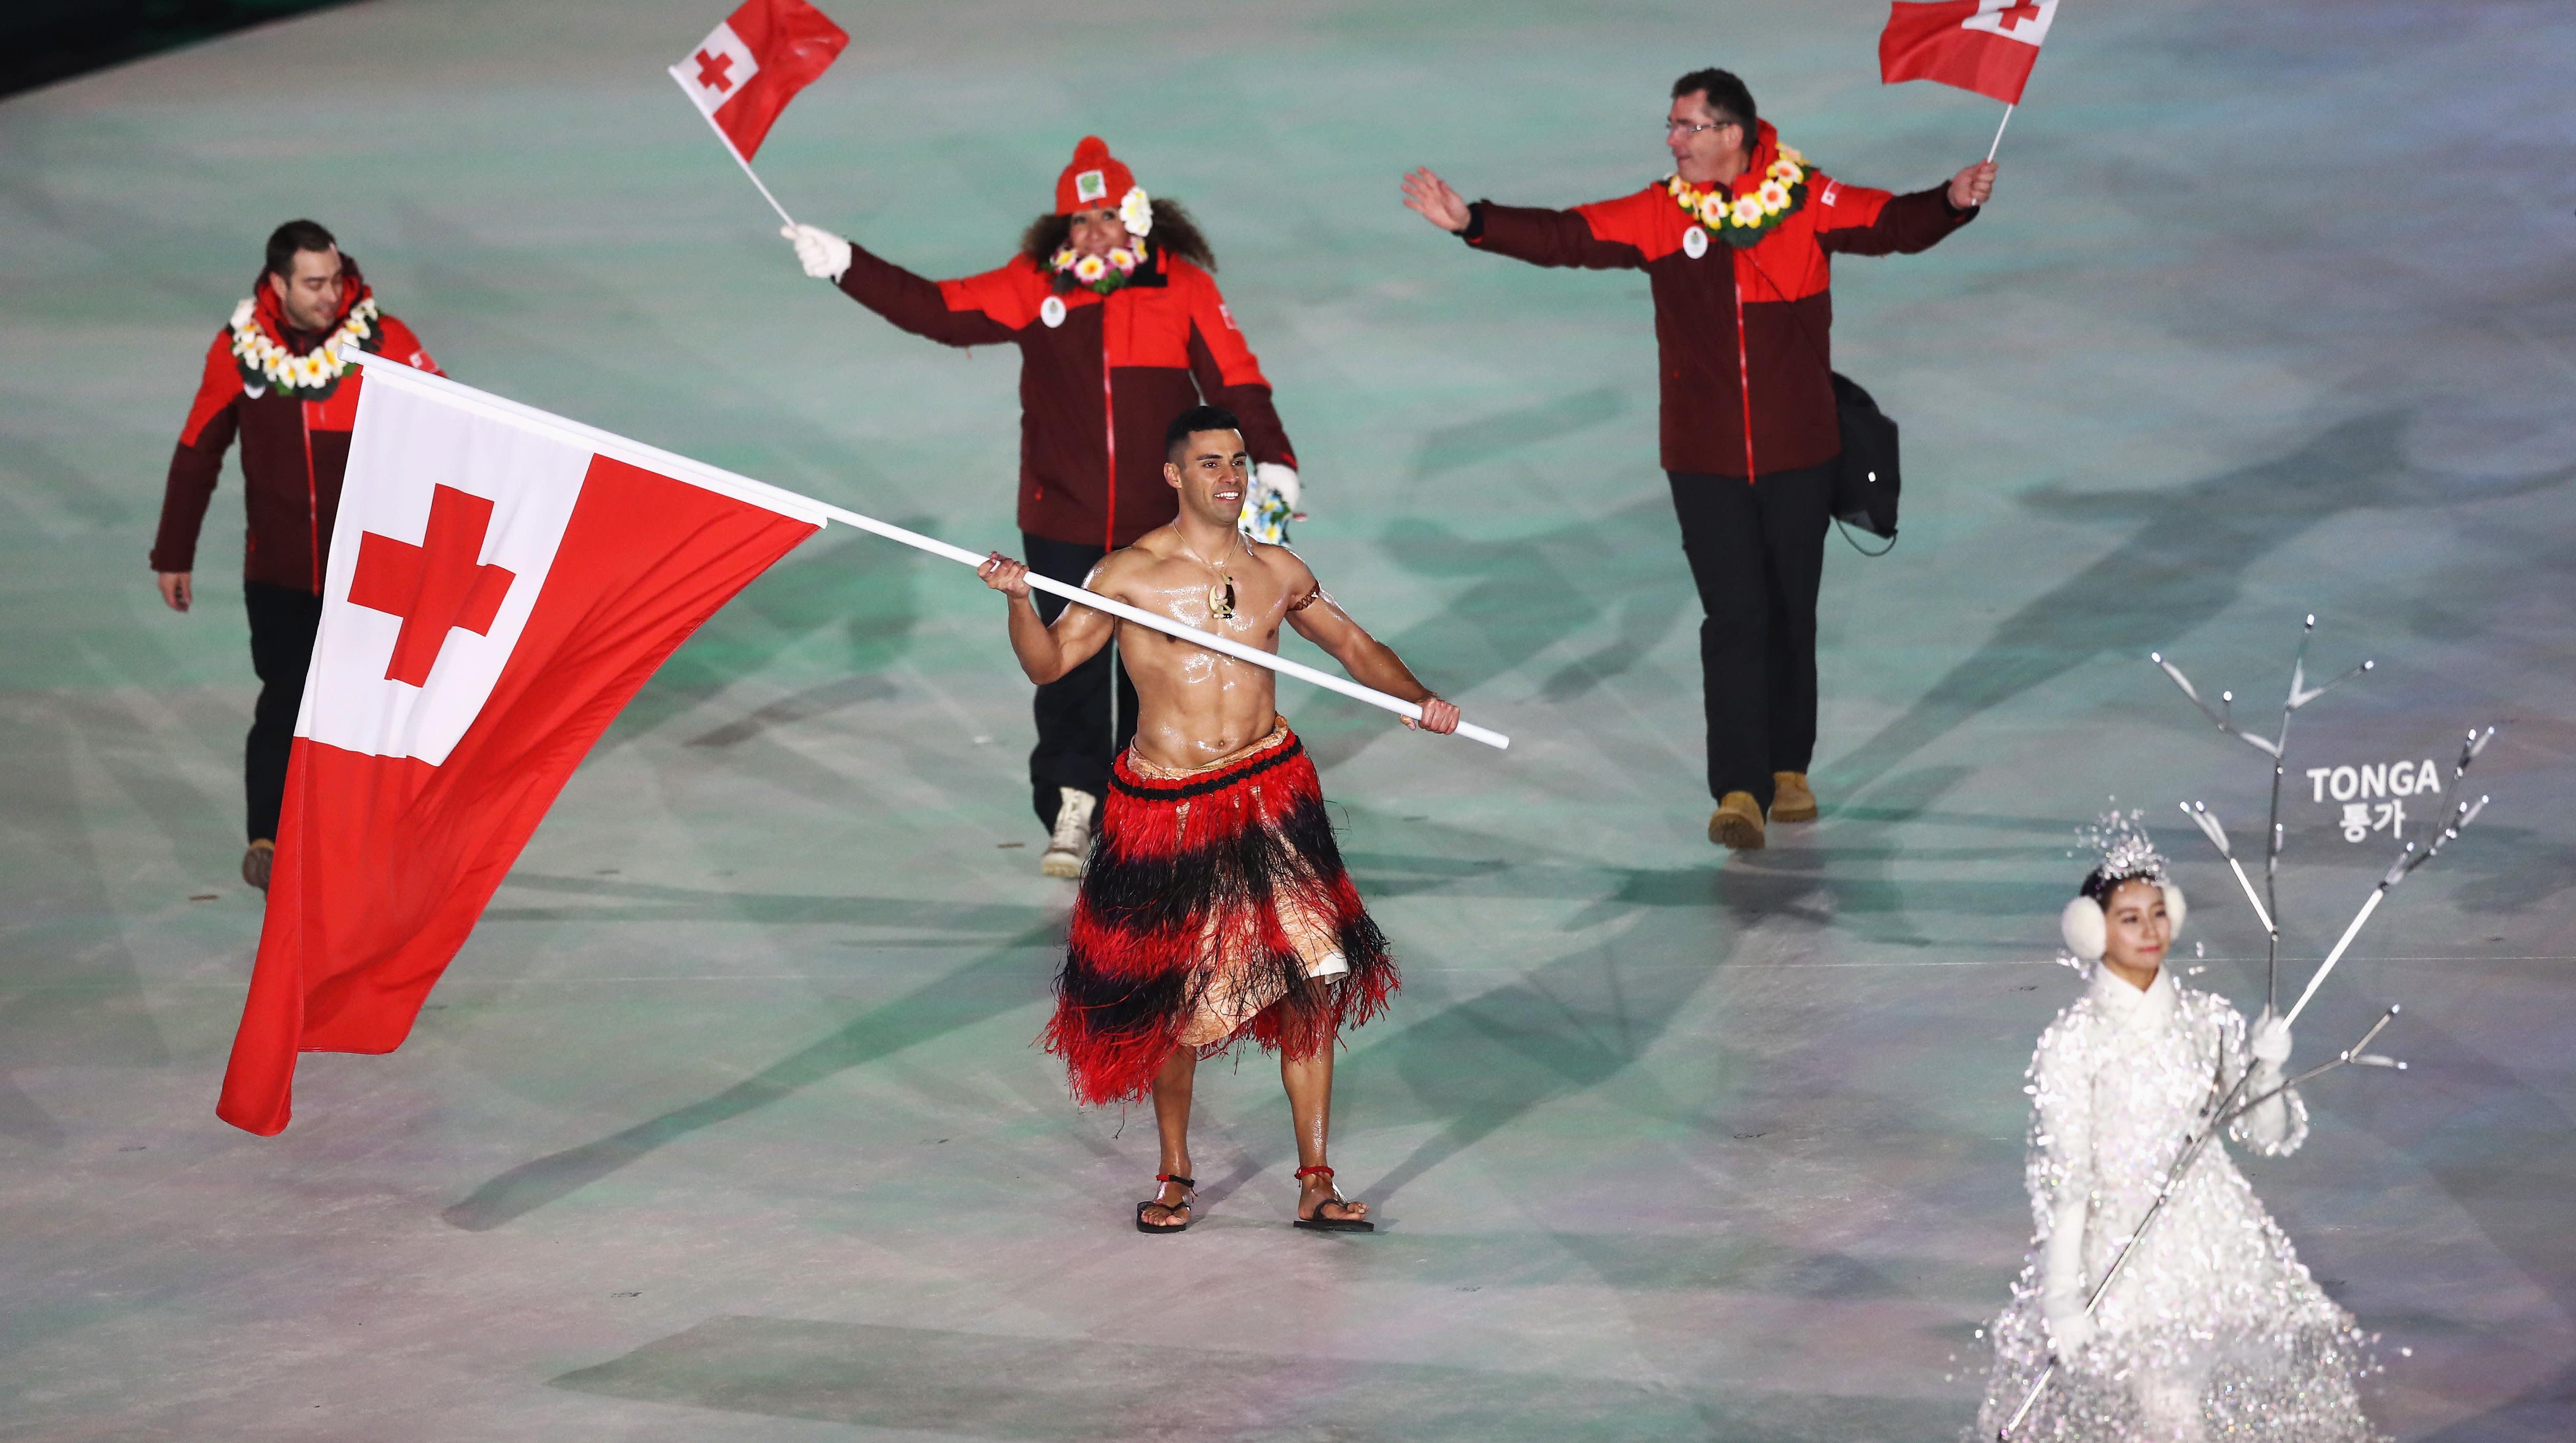 Shirtless Tonga Olympian Pita Taufatofua Wins Olympic Opening ...